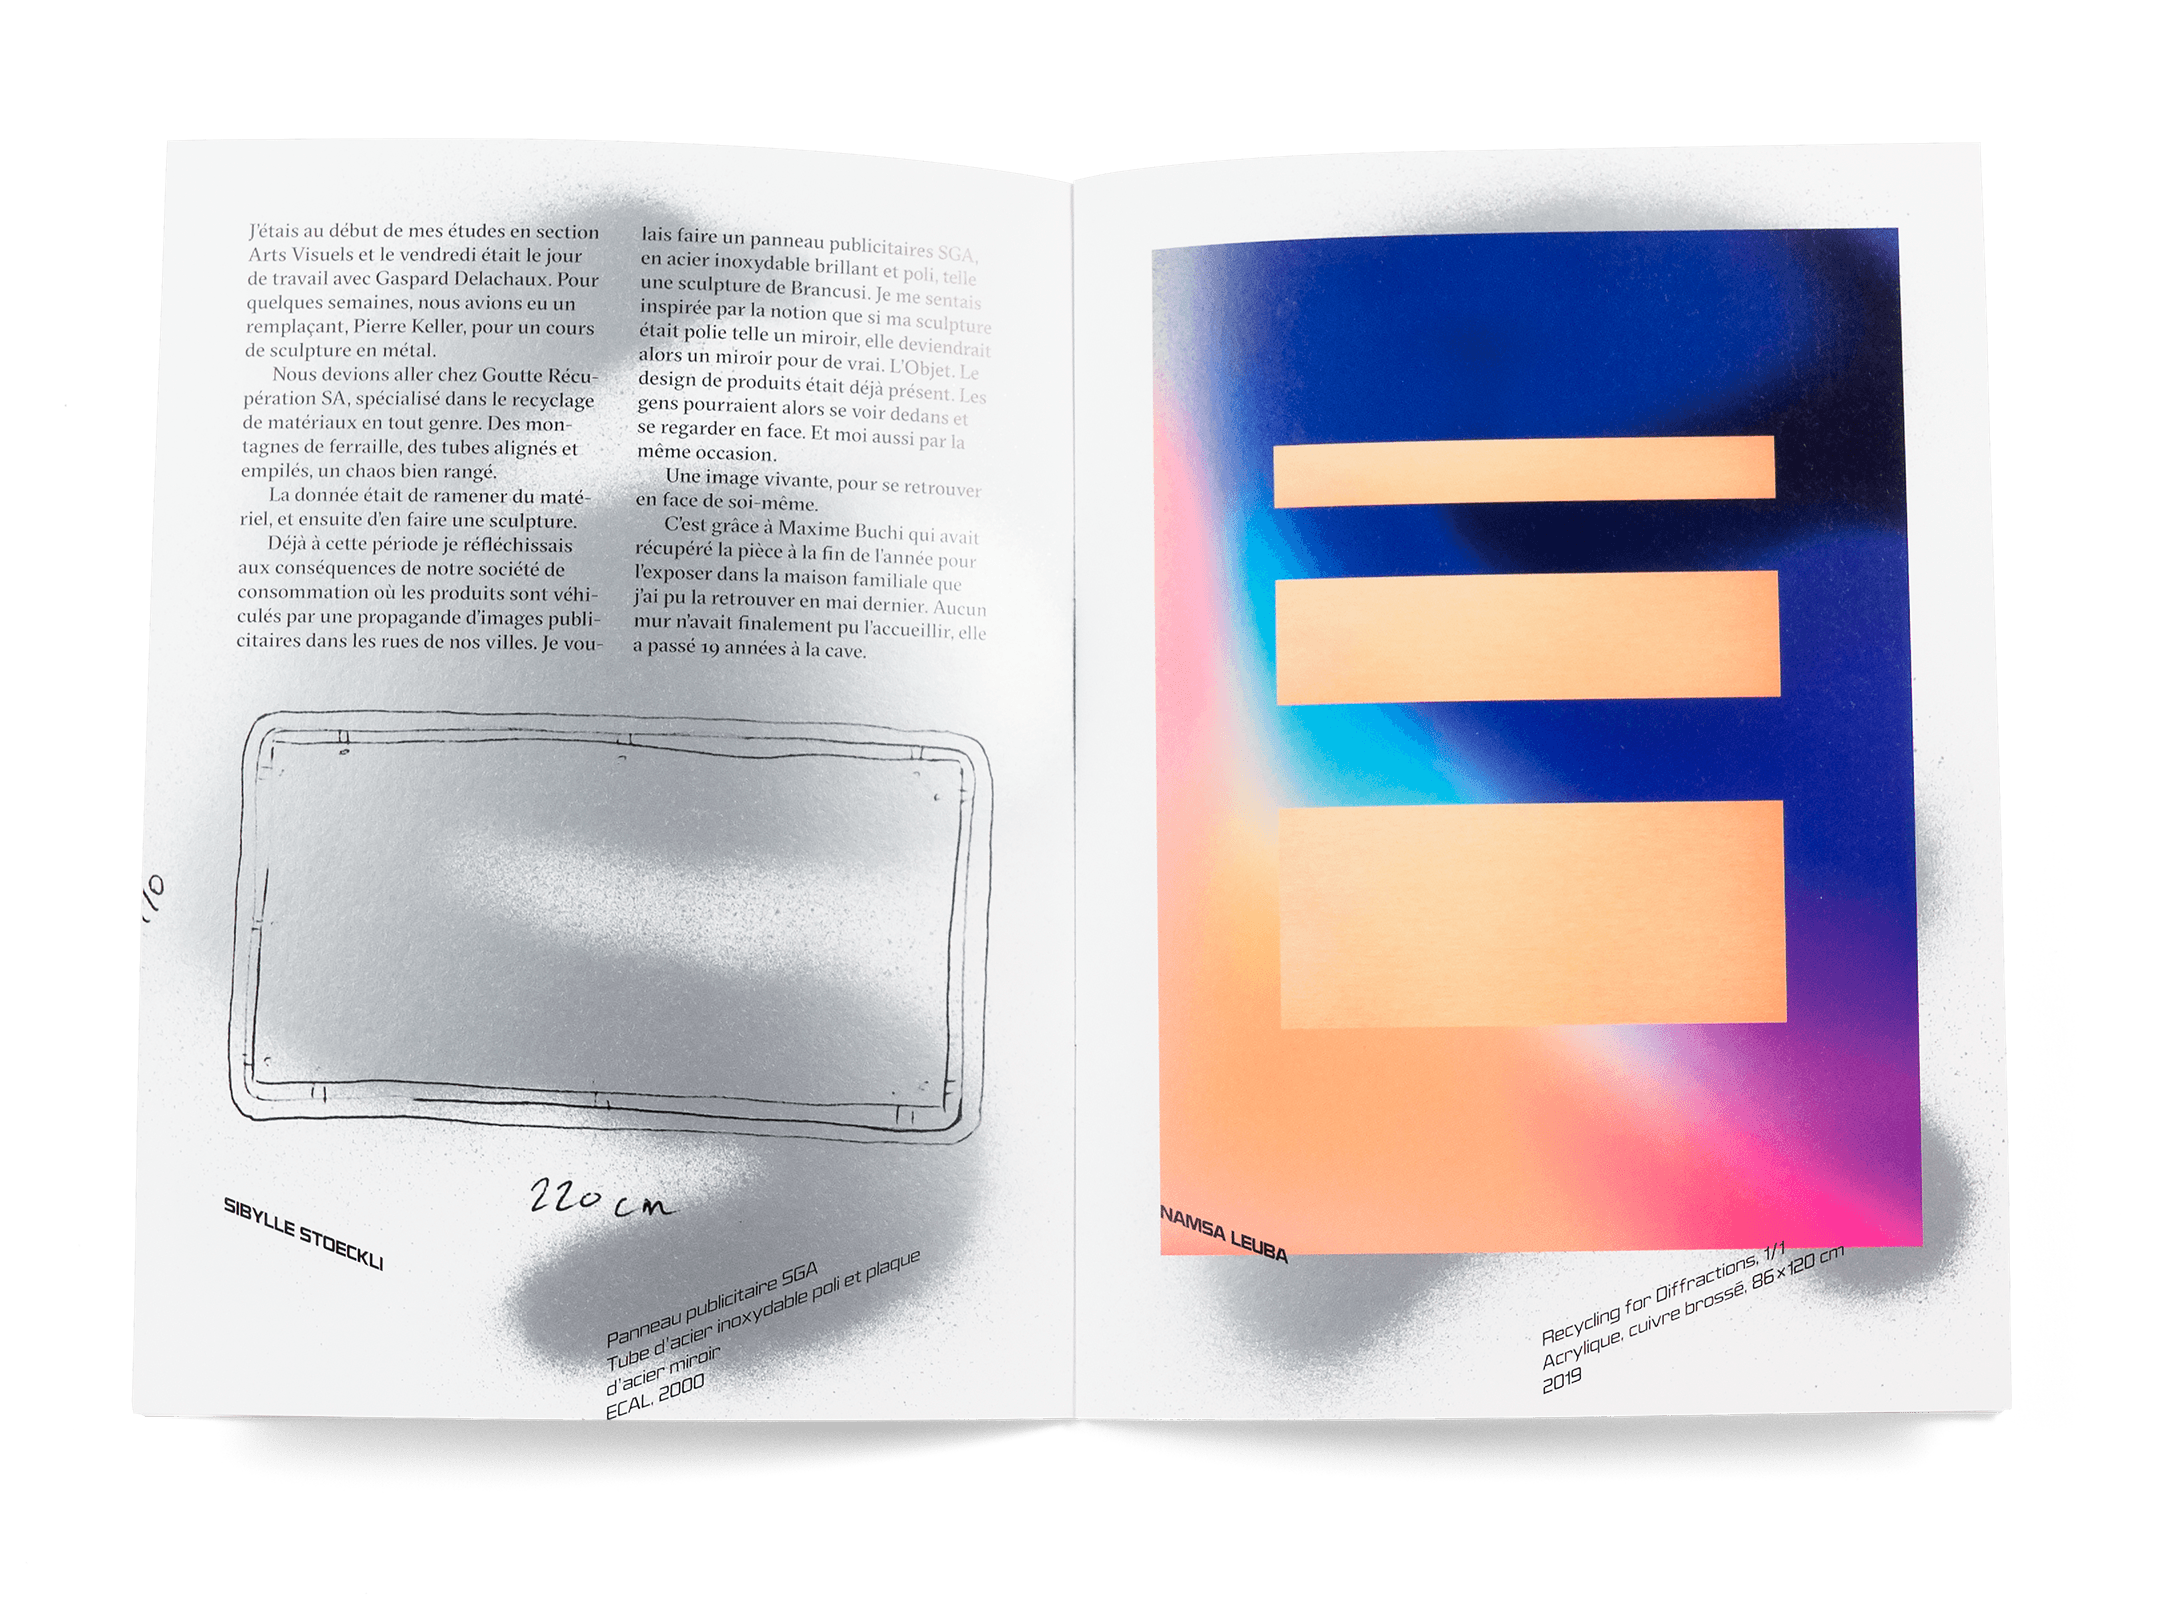 Œuvres de Sibylle Stoeckli et Namsa Leuba dans la brochure de l'exposition de Simon Paccaud à la Ferme de la Chapelle